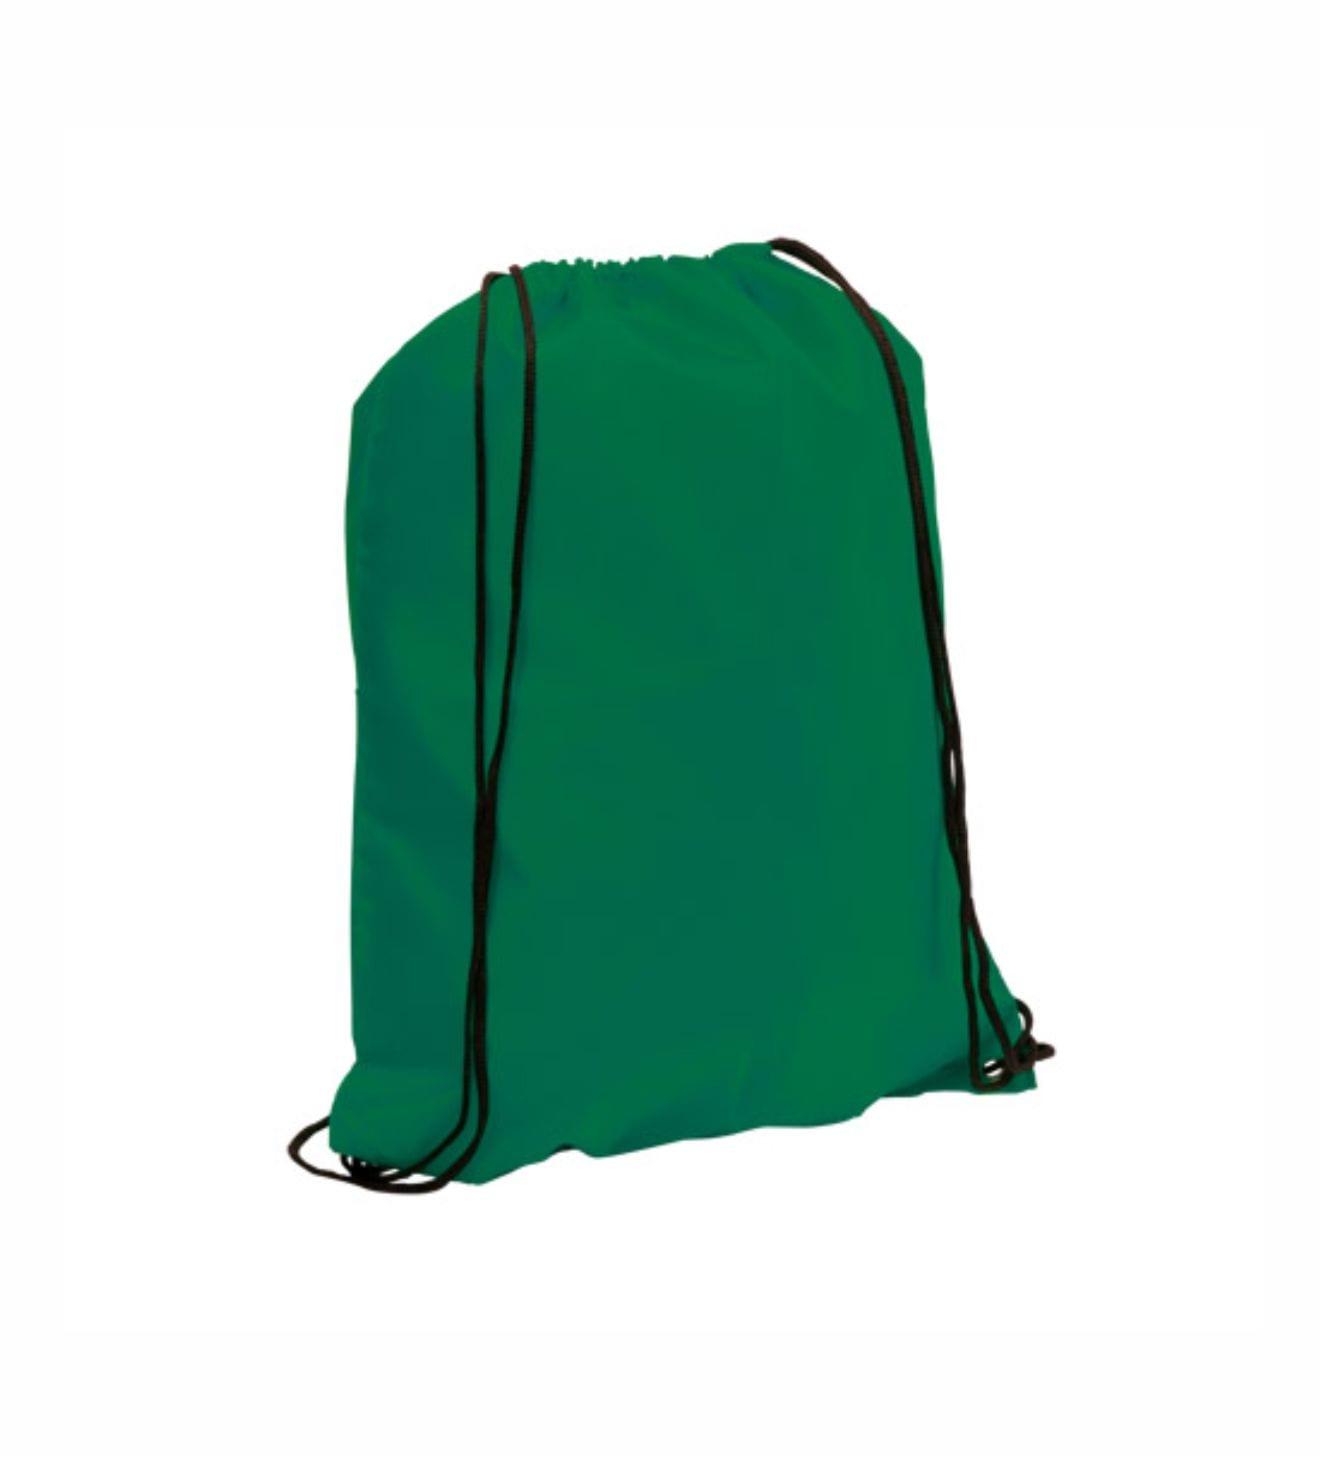 Mochilas Promocionales Verde. Regalos de Empresa